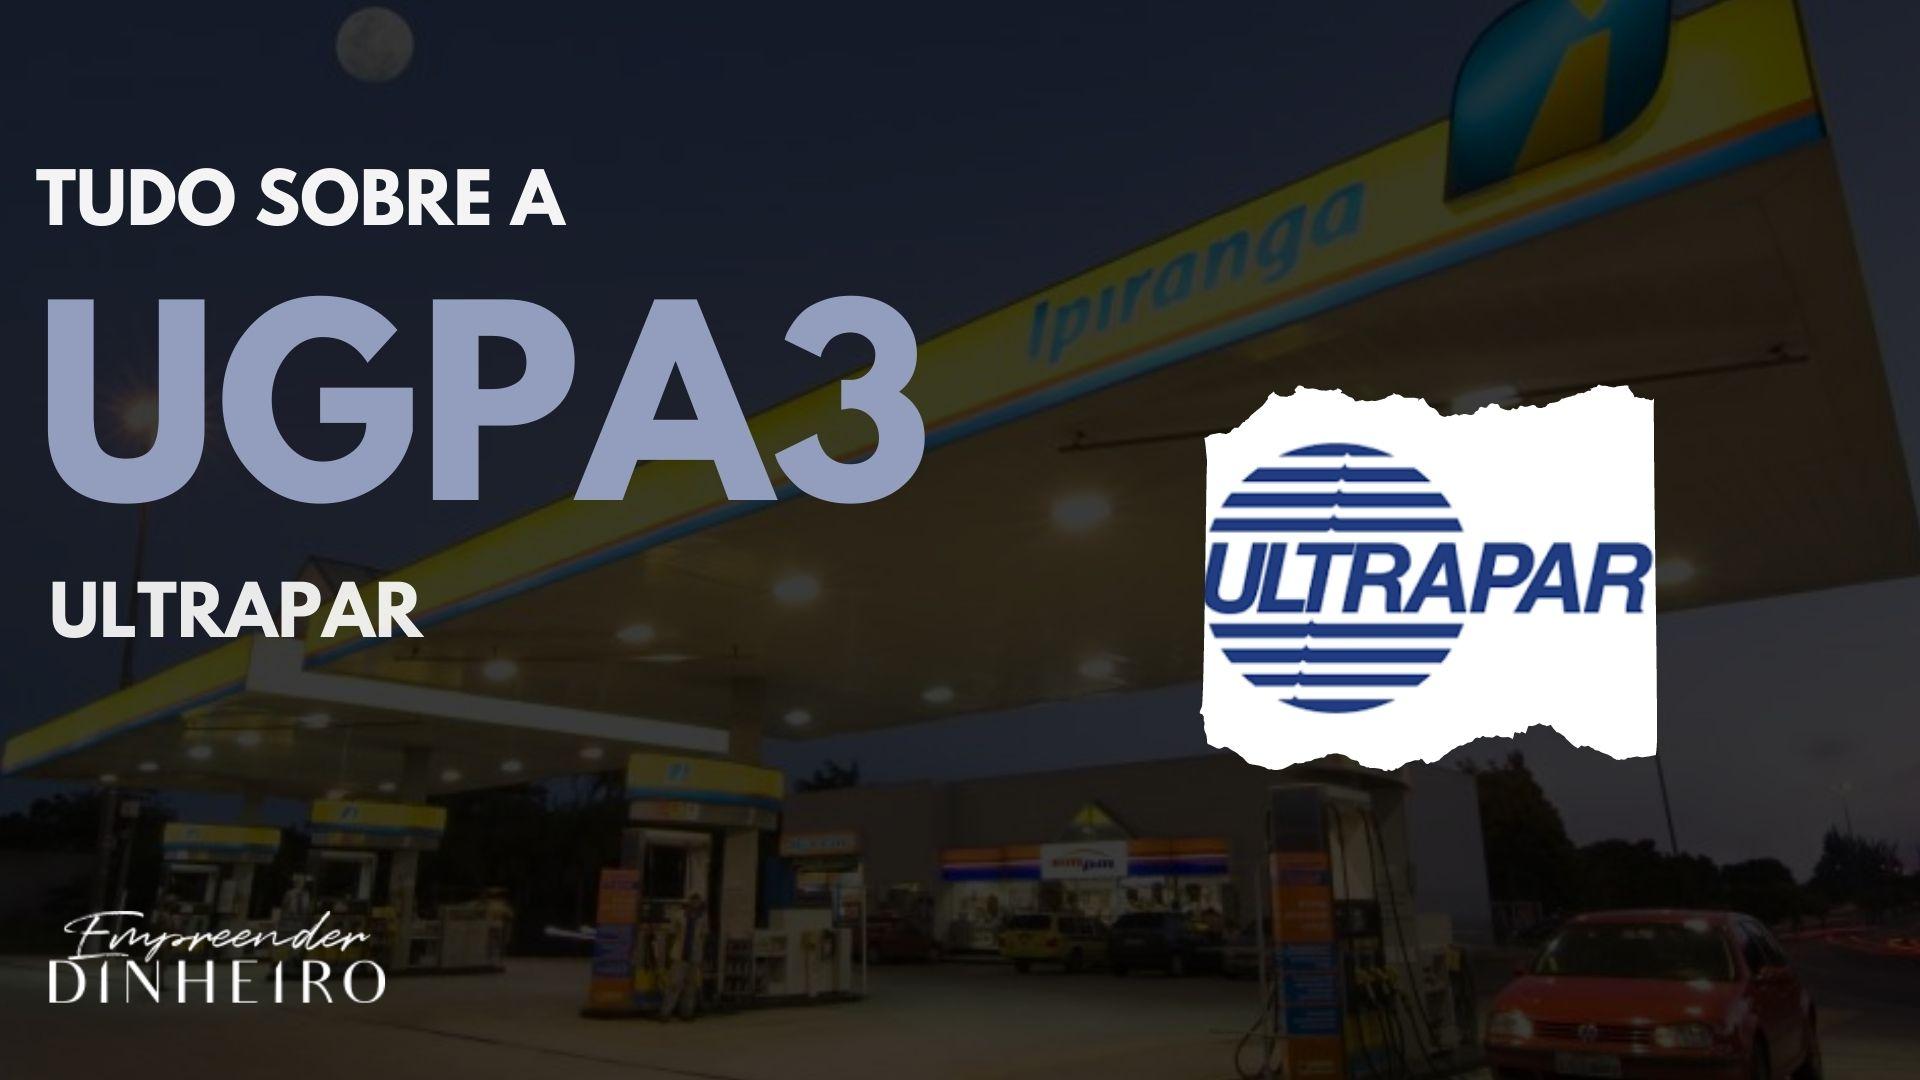 ugpa3